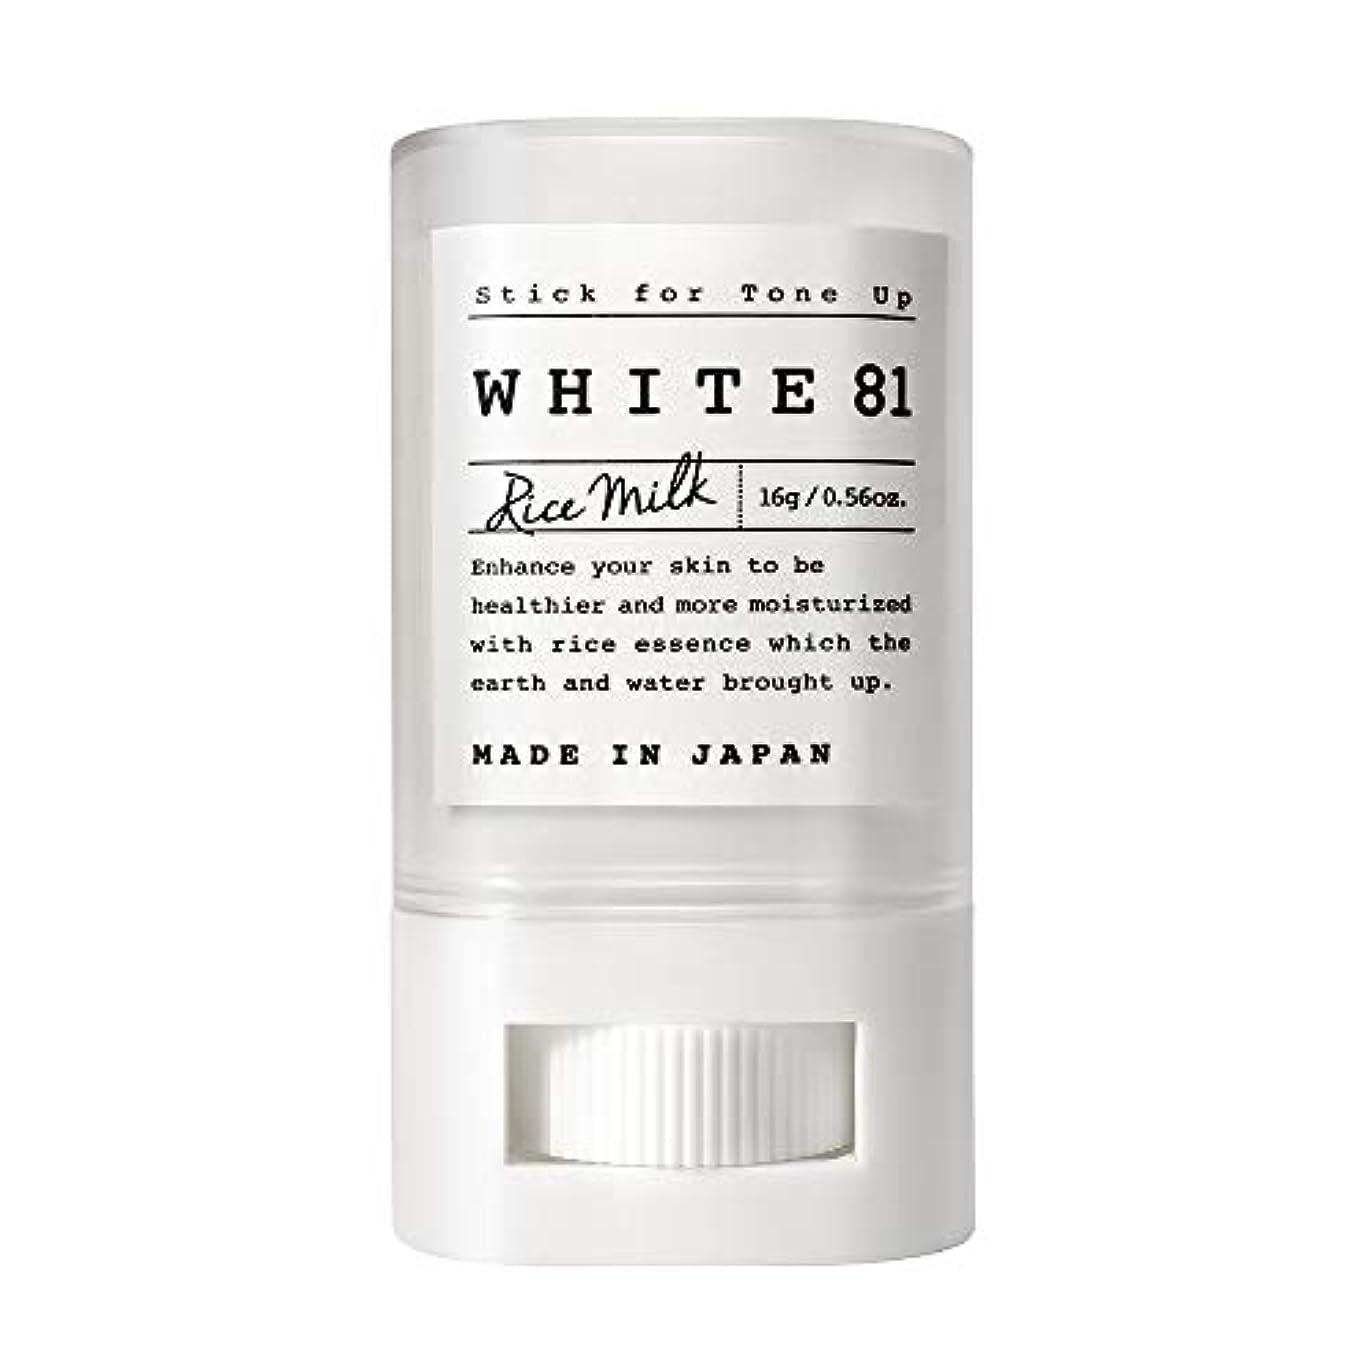 刻む何アレルギー性WHITE81 ホワイト81 トーンアップスティック(化粧下地?日焼け止め / SPF35?PA+++?ウォータープルーフ?複合保湿成分配合?肌に優しい6種のフリー / 日本製)